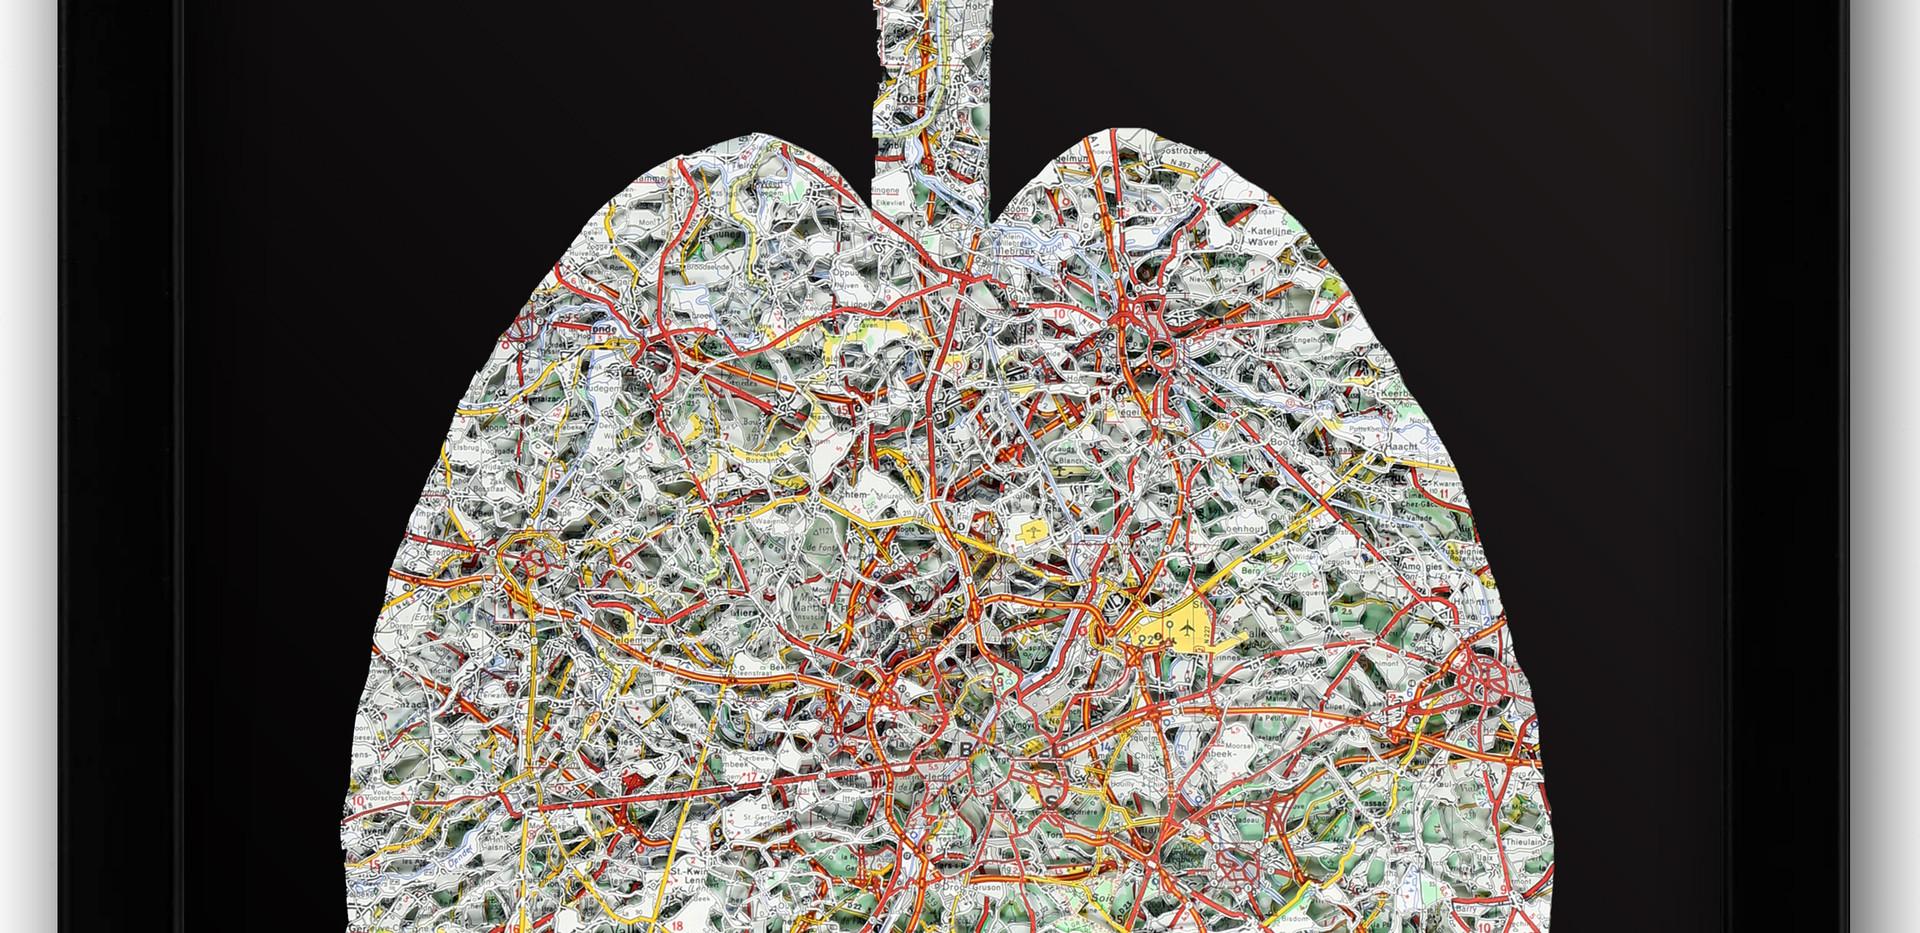 16x20 Lung.jpg